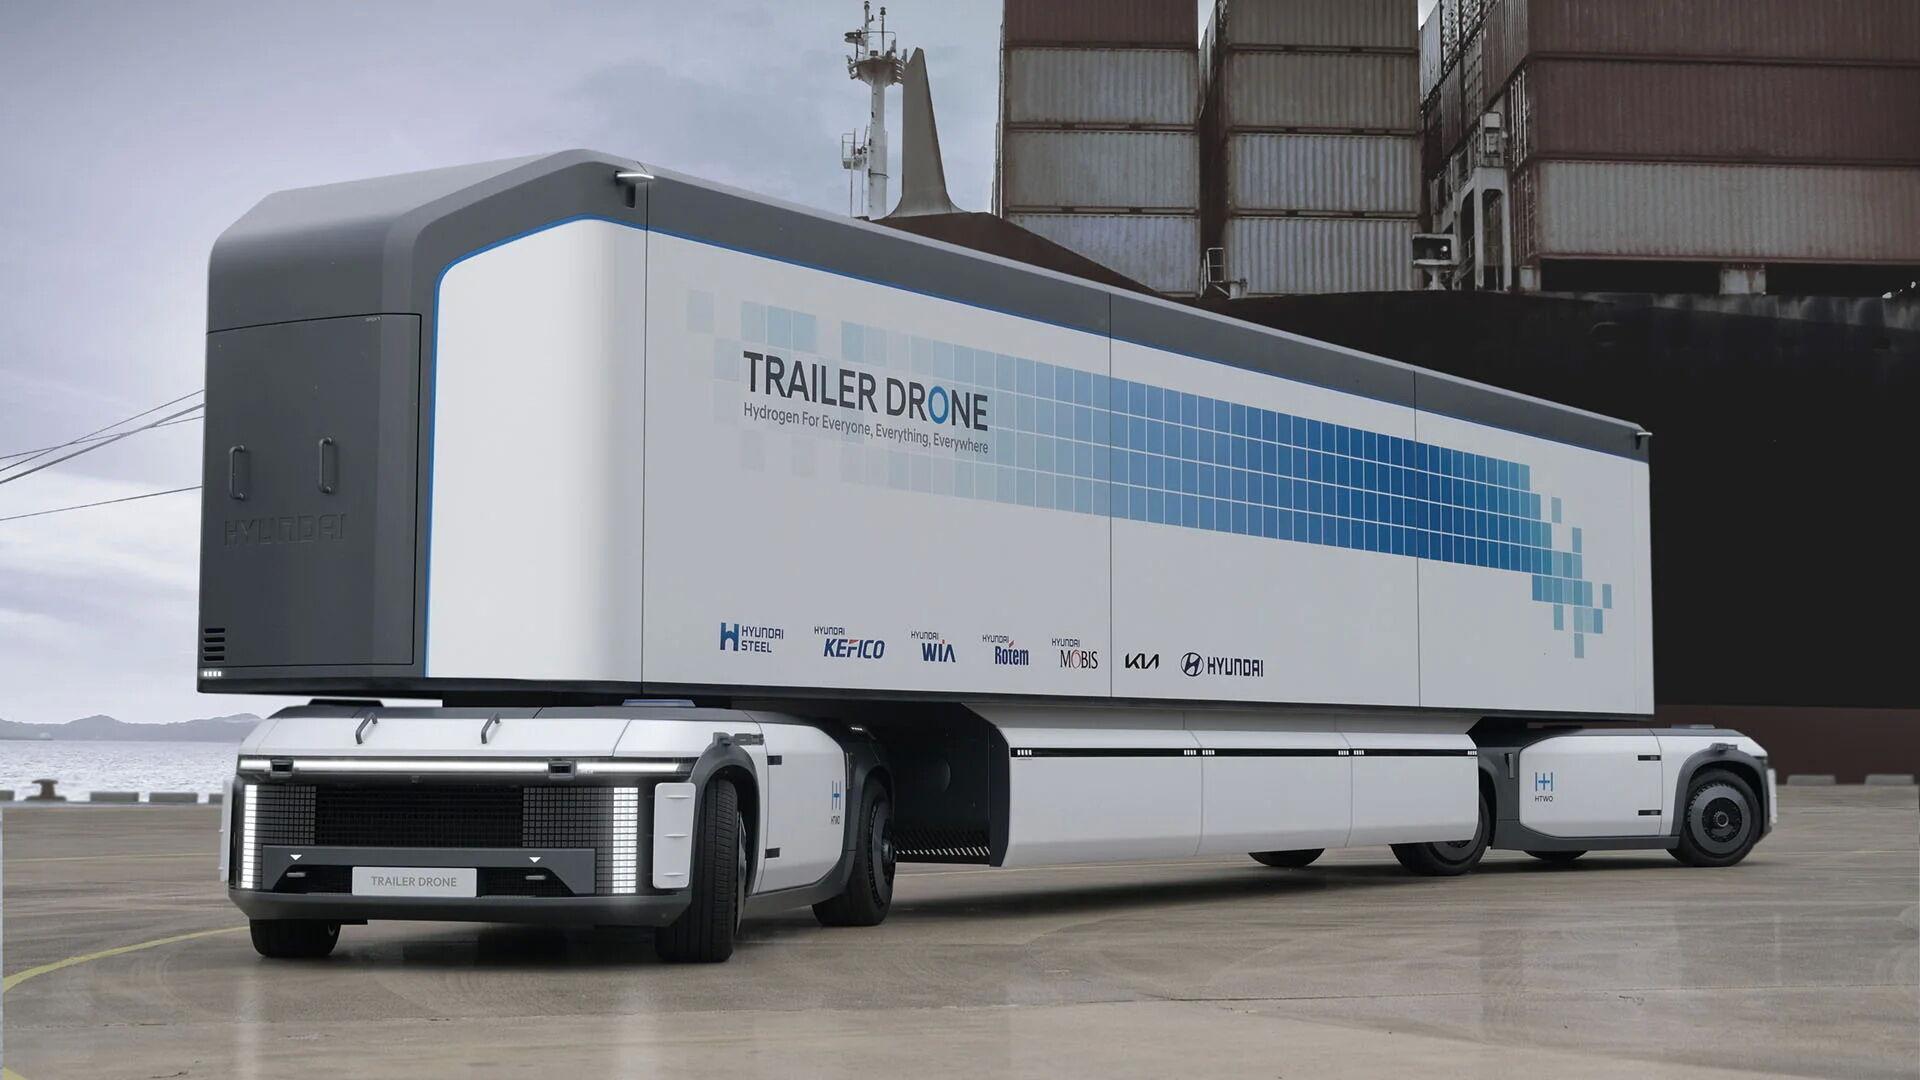 e-Bogie может использоваться самостоятельно или вместе с аналогичной платформой для перевозки крупногабаритных грузов